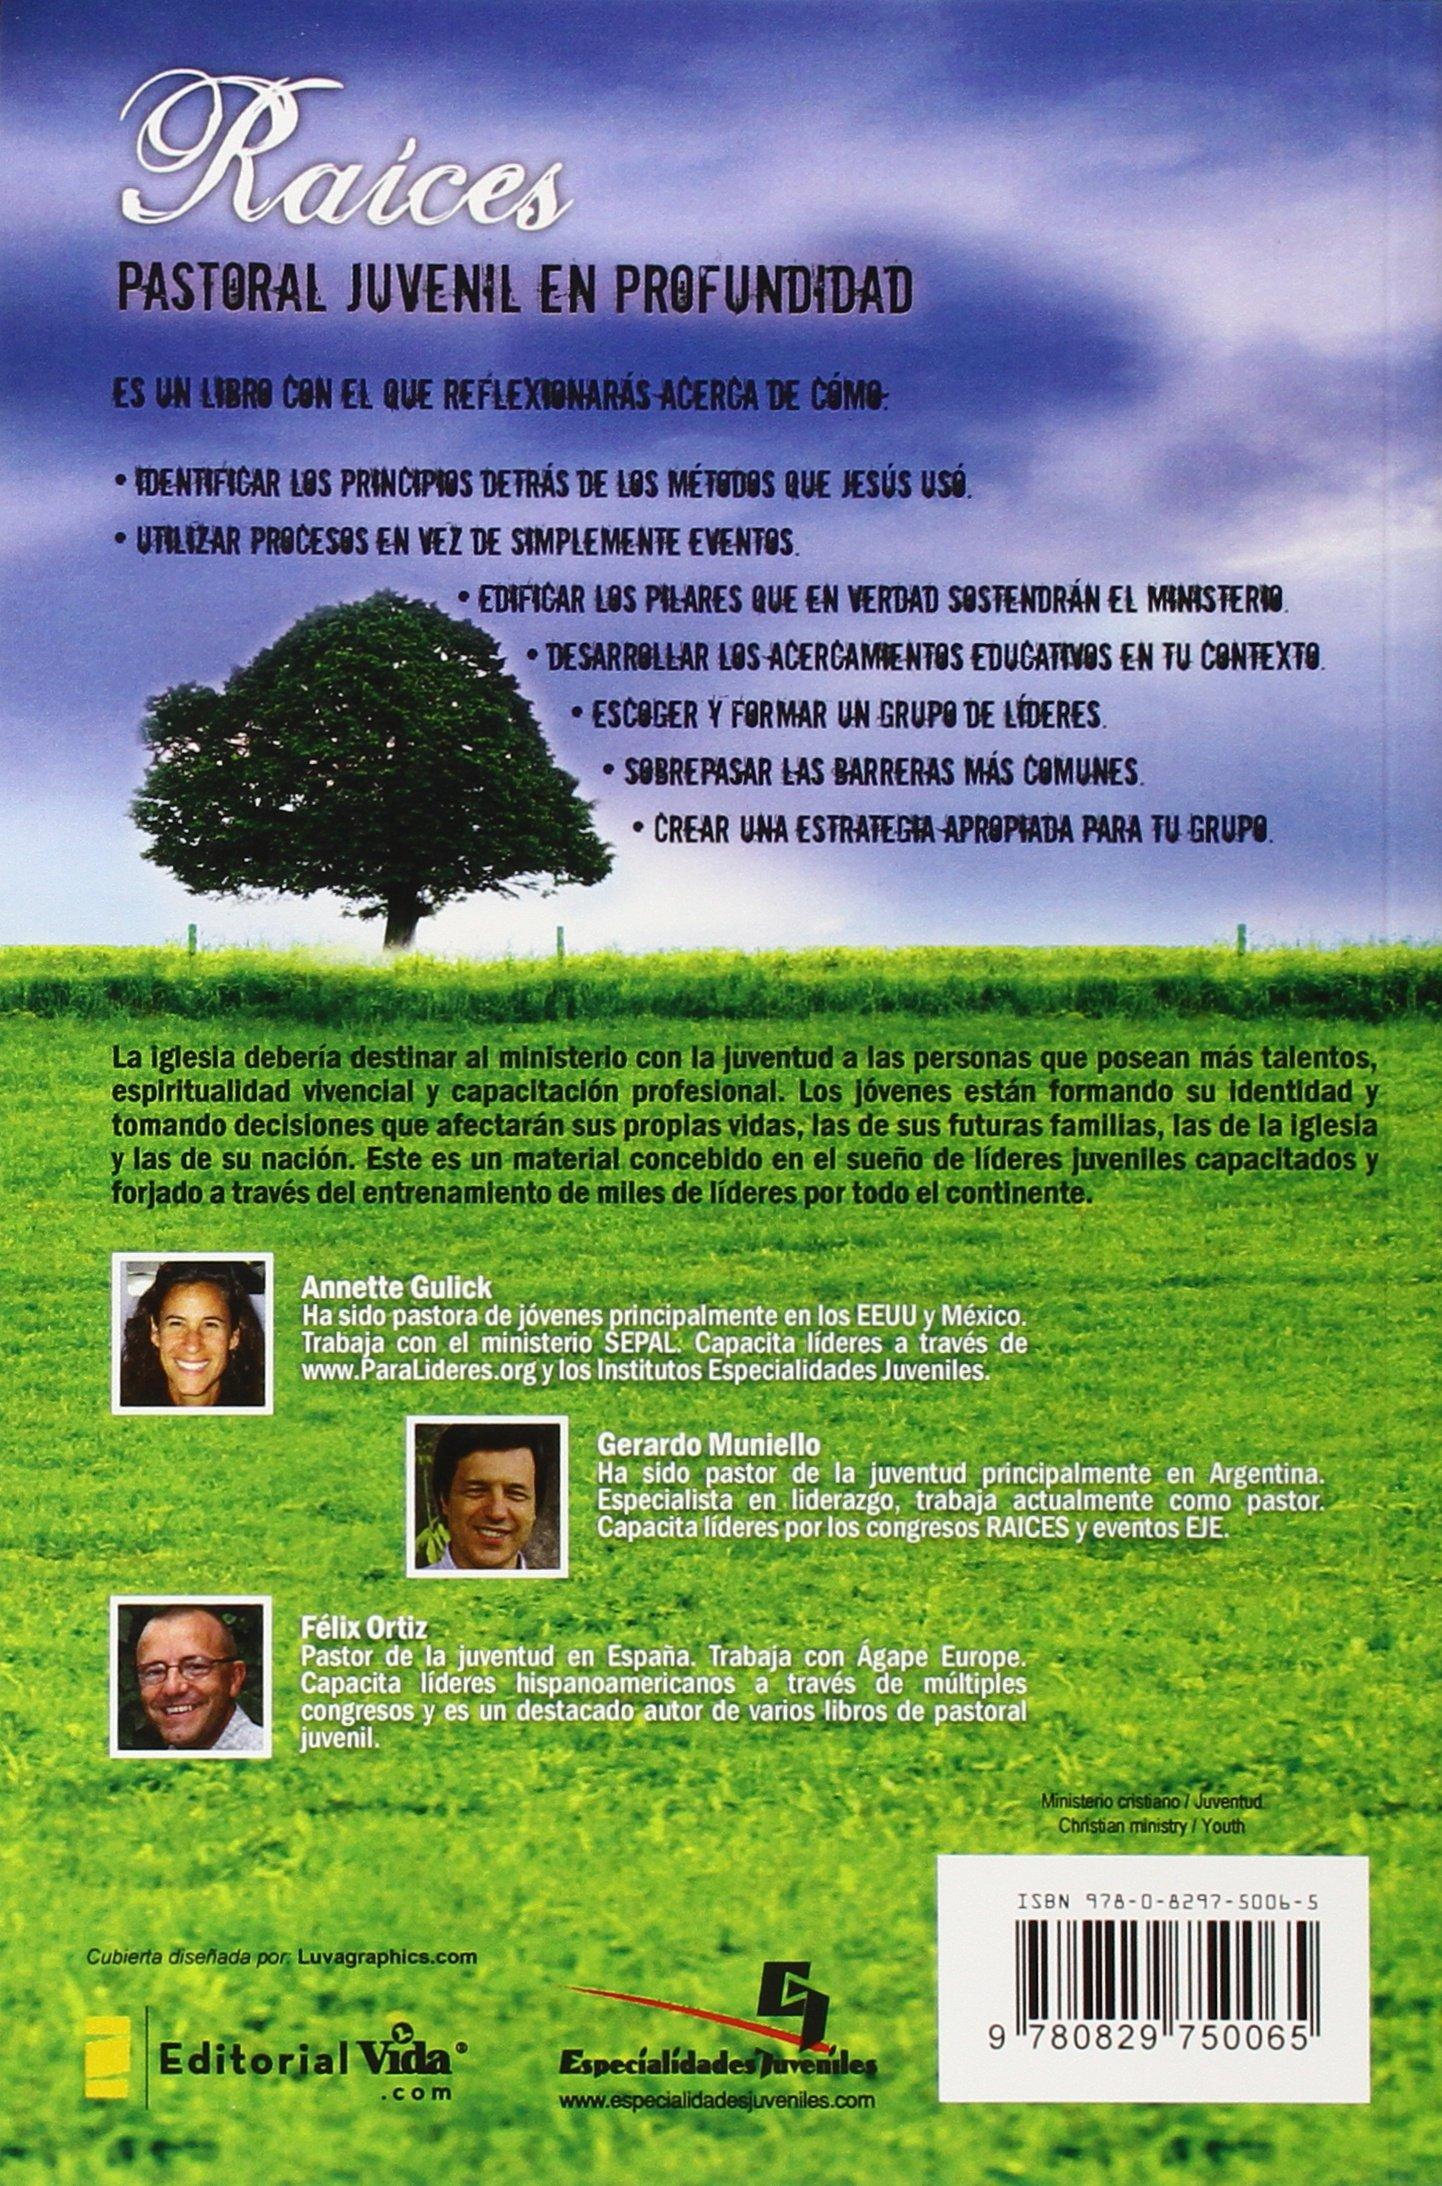 Raices: Pastoral Juvenil en Profundidad Especialidades Juveniles / Lecciones Biblicas Creativas: Amazon.es: Felix Ortiz, Annette Gulick, Gerardo Muniello: ...